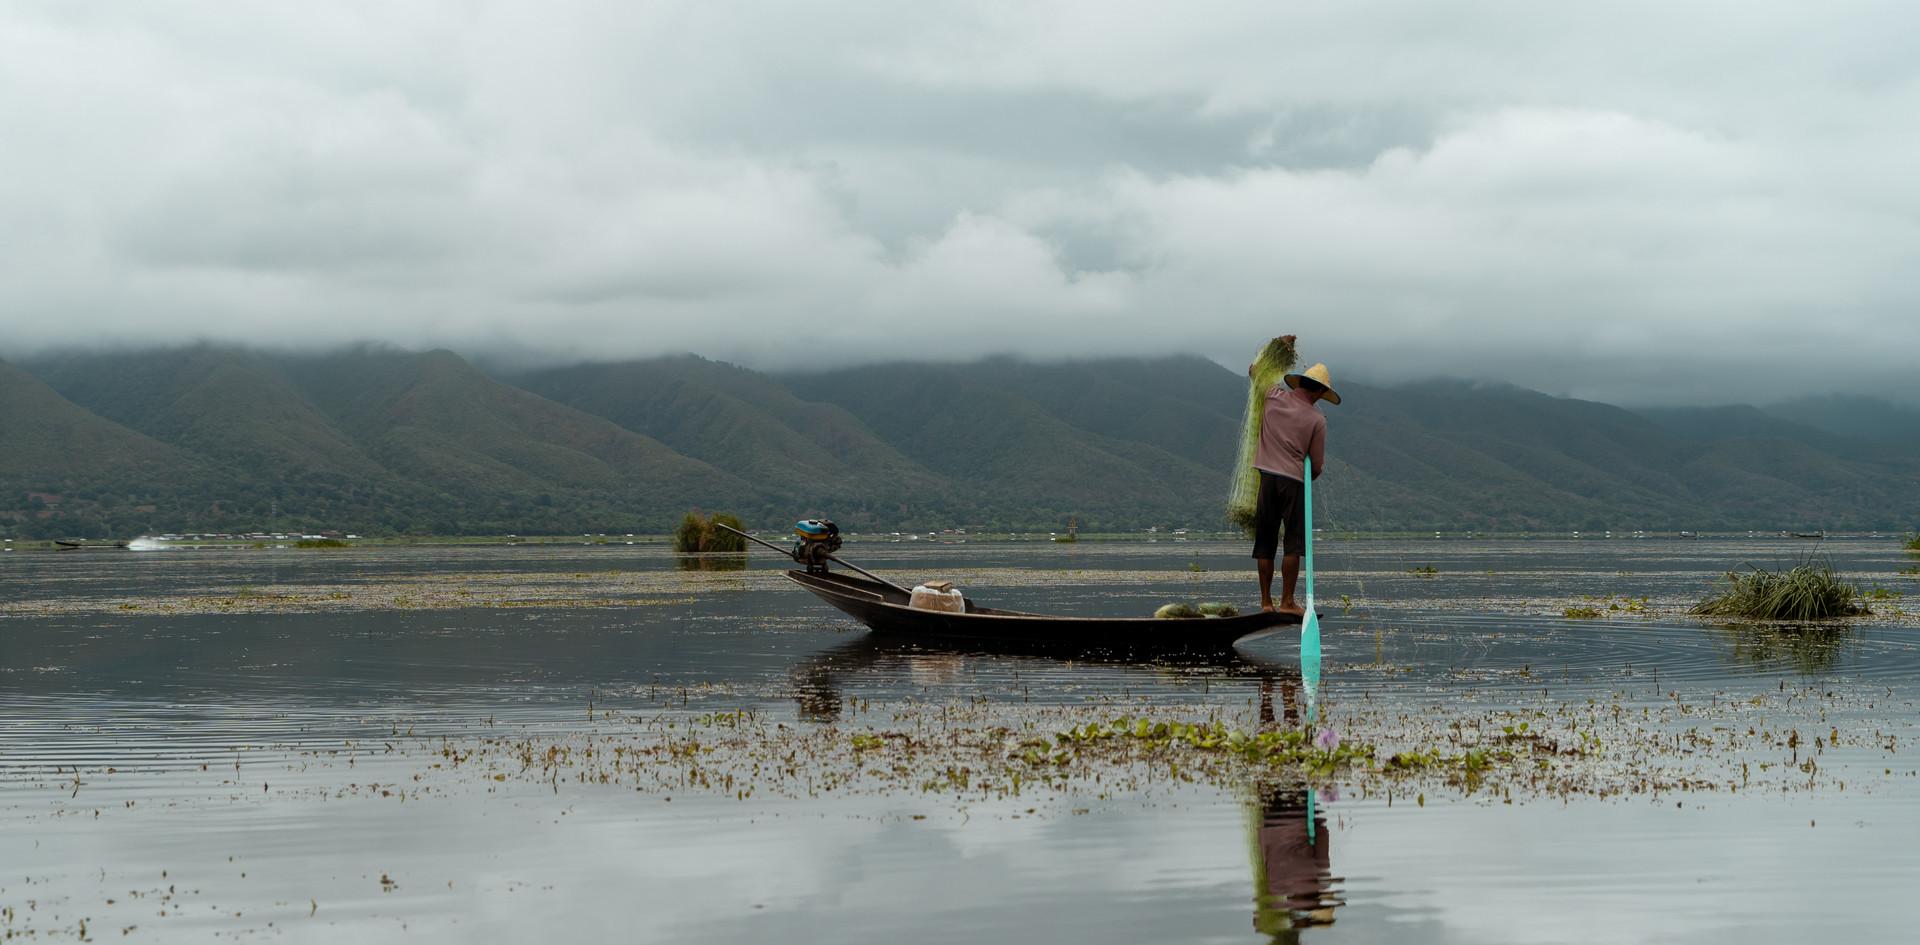 MYANMAR / INLE LAKE